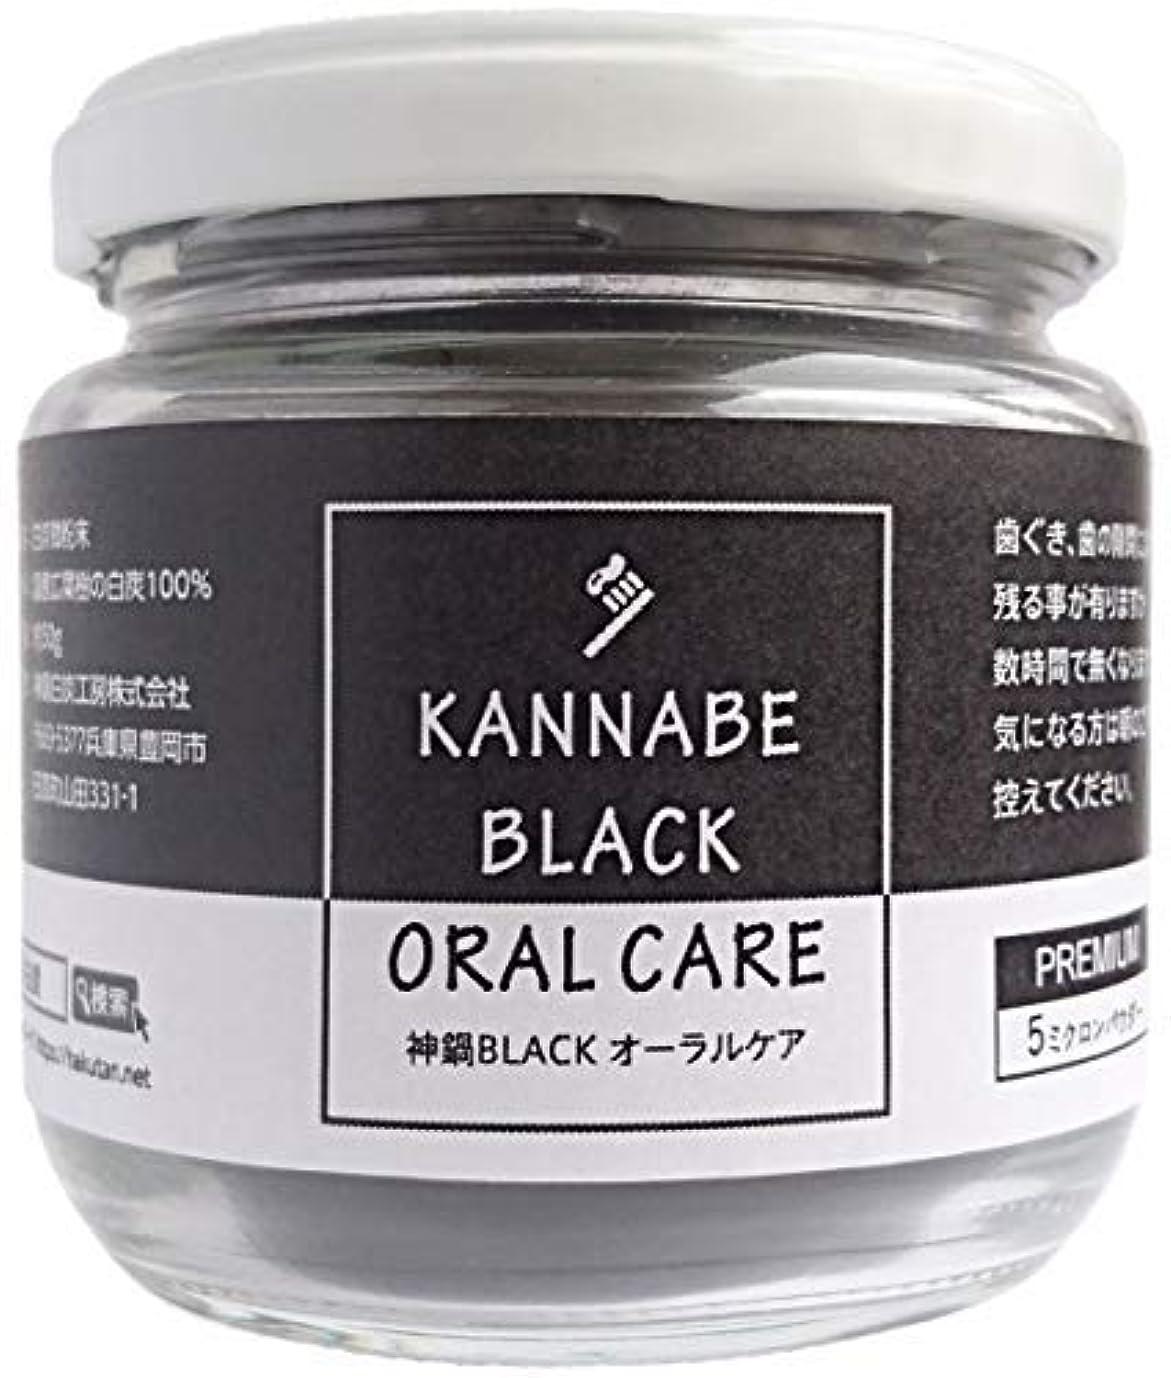 レコーダー廃棄精通したホワイトニング オーラルケア 歯磨き 口臭 炭パウダー チャコール 5ミクロン 神鍋BLACK 独自白炭製法 50g